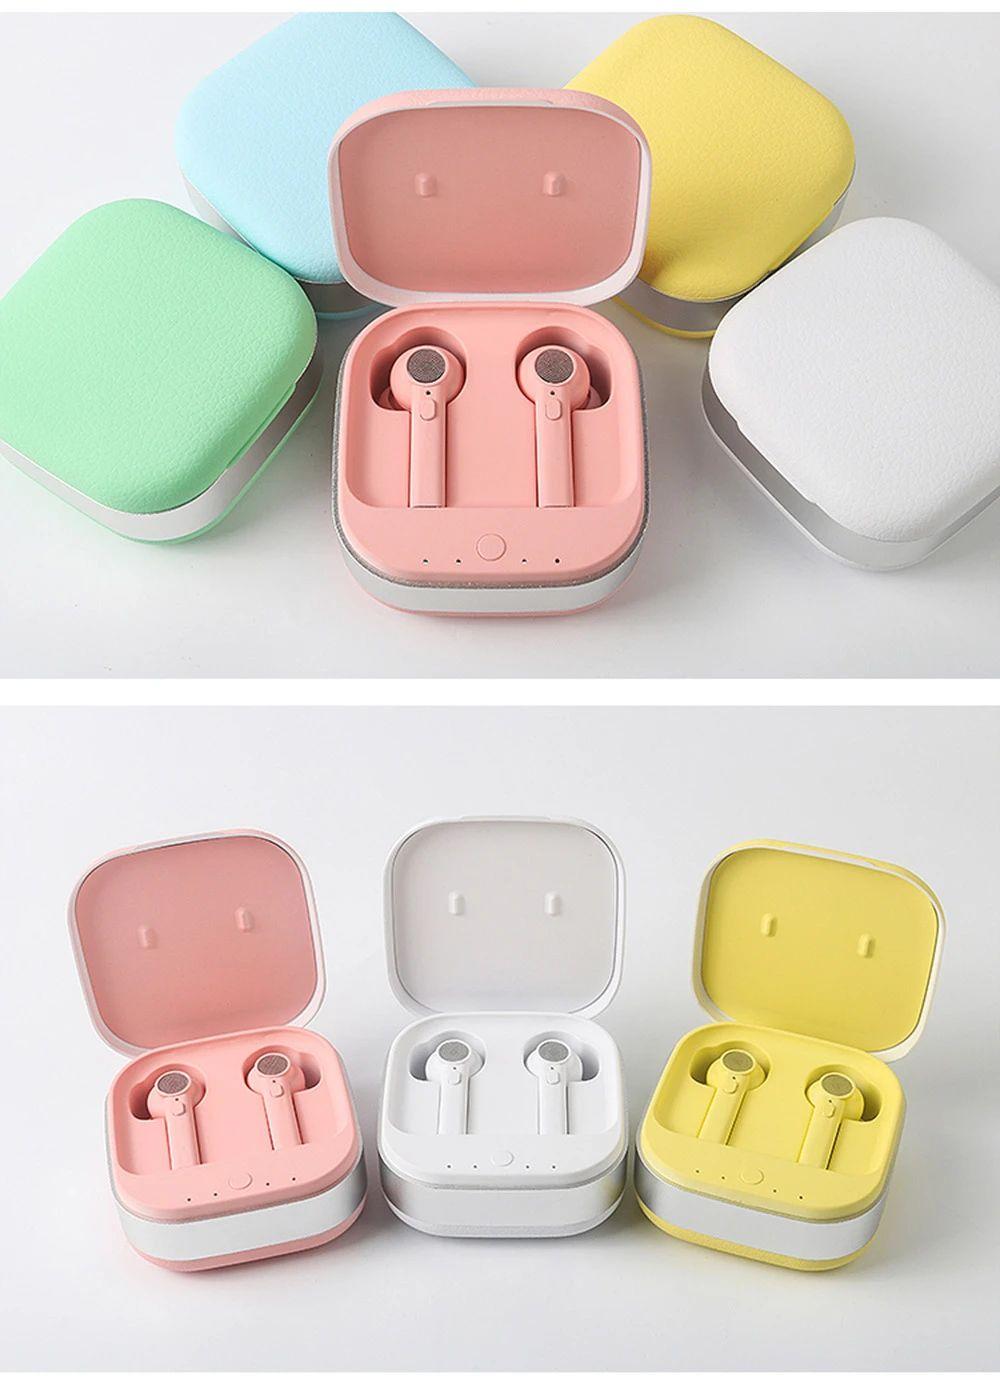 d021 tws earphone bluetooth 5.0 for iphone xiaomi huawei (1)